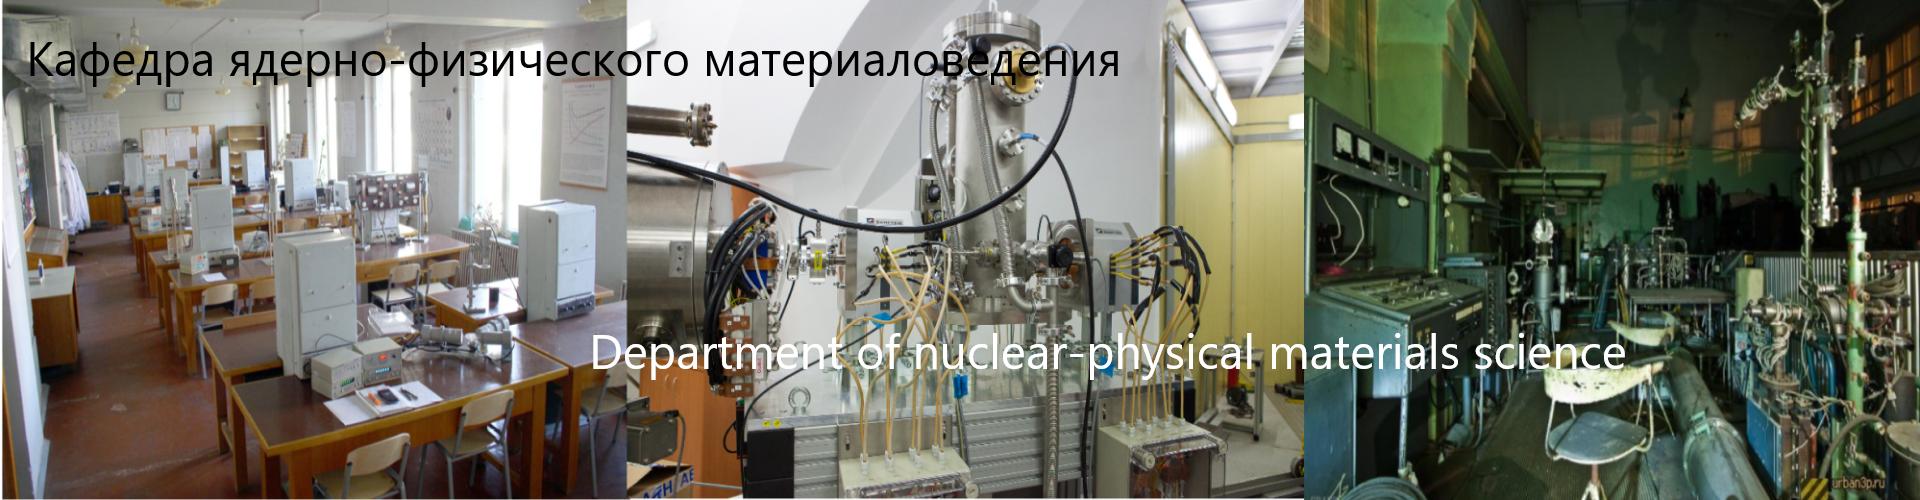 Портал КФУ \ Образование \ Институт физики \ Структура \ Кафедры \ Кафедра ядерно-физического материаловедения